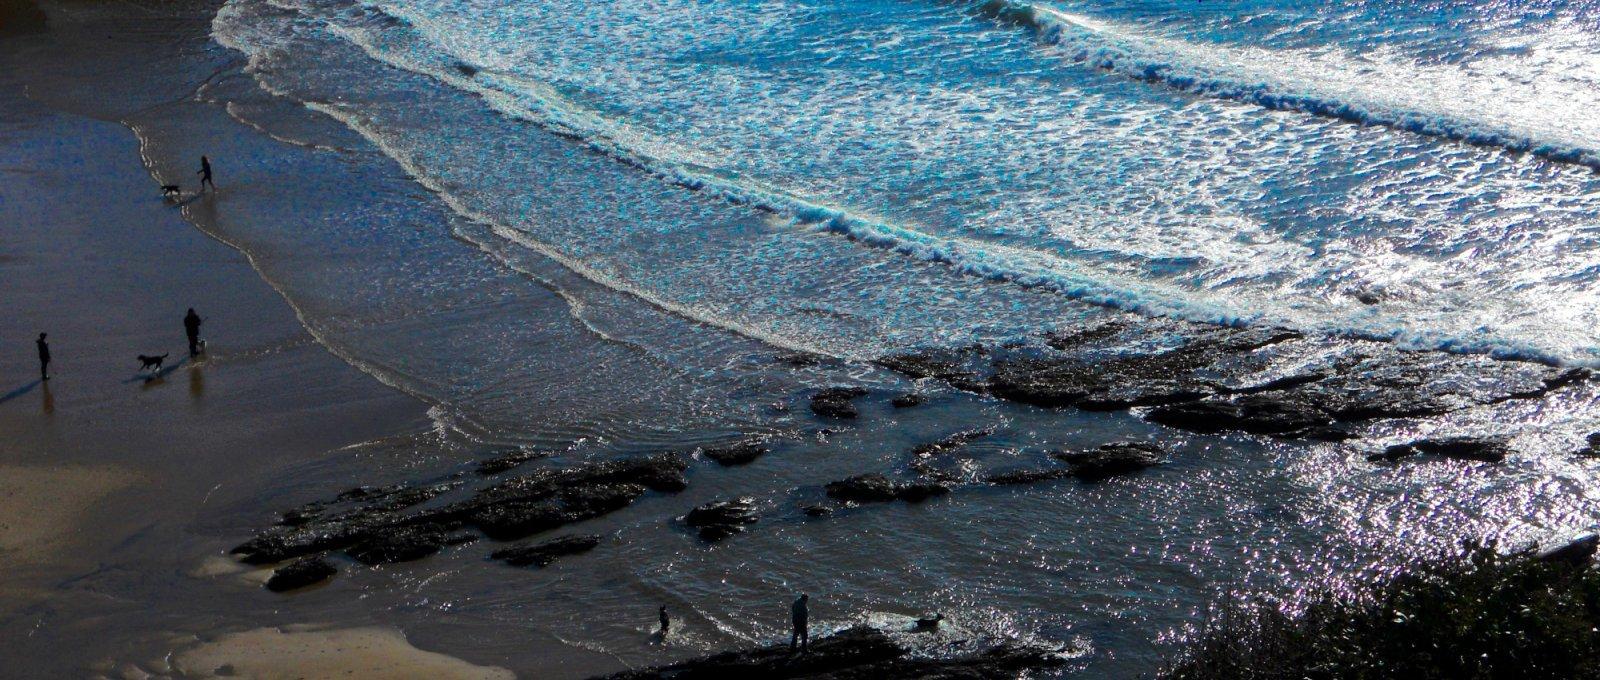 seashore scape